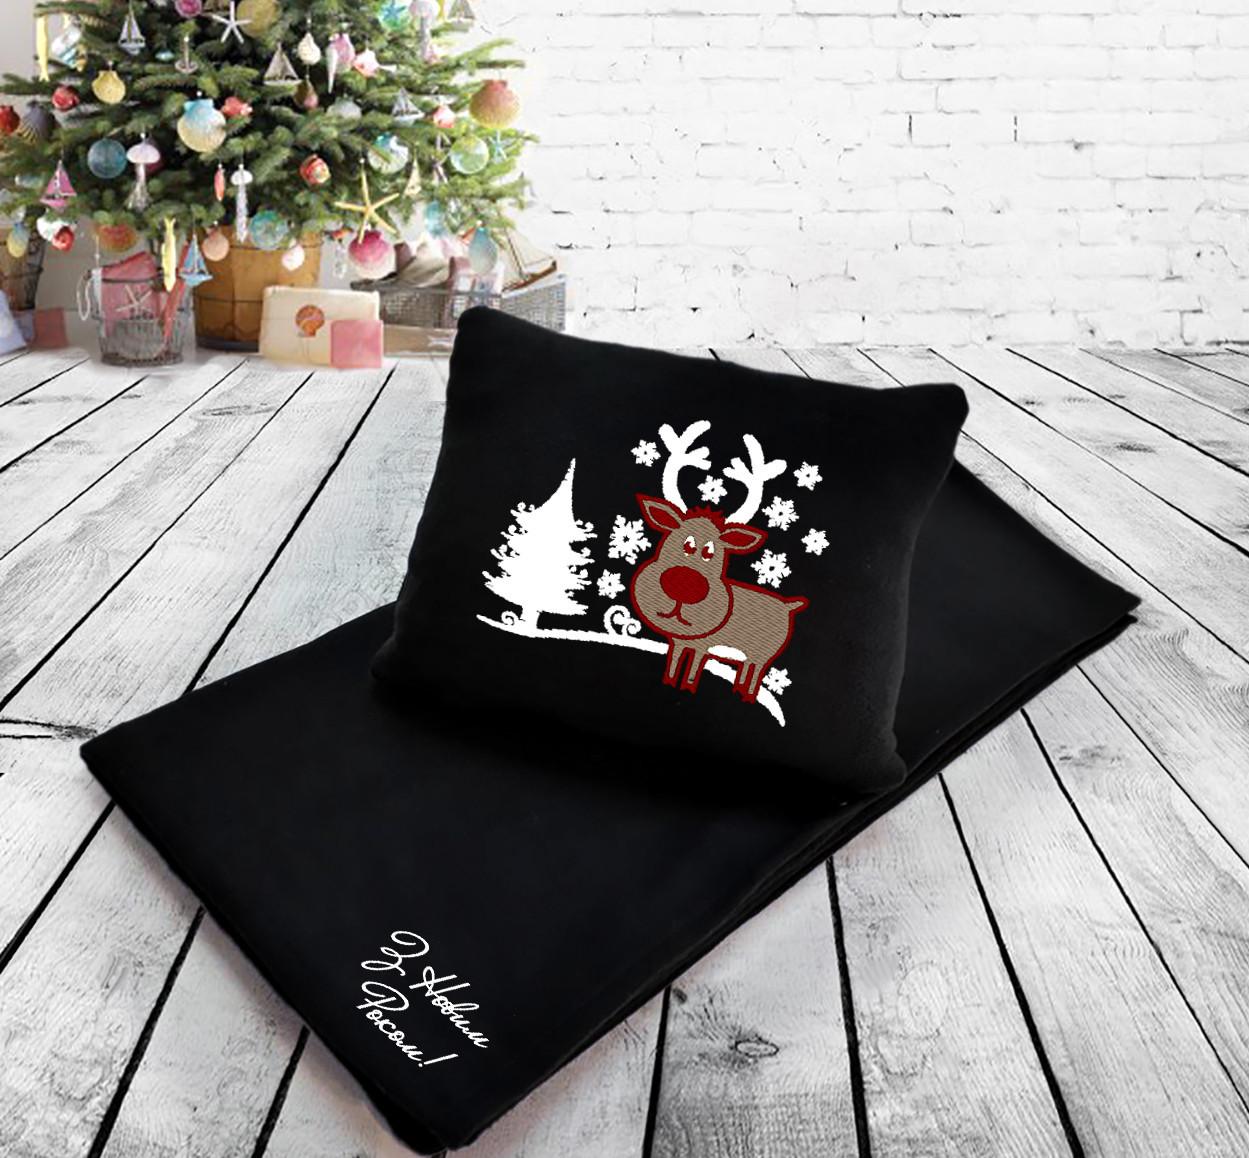 """Подарунковий новорічний набір: подушка + плед з вишивкой """"З Новим Роком! """" 29 цвет на выбор"""